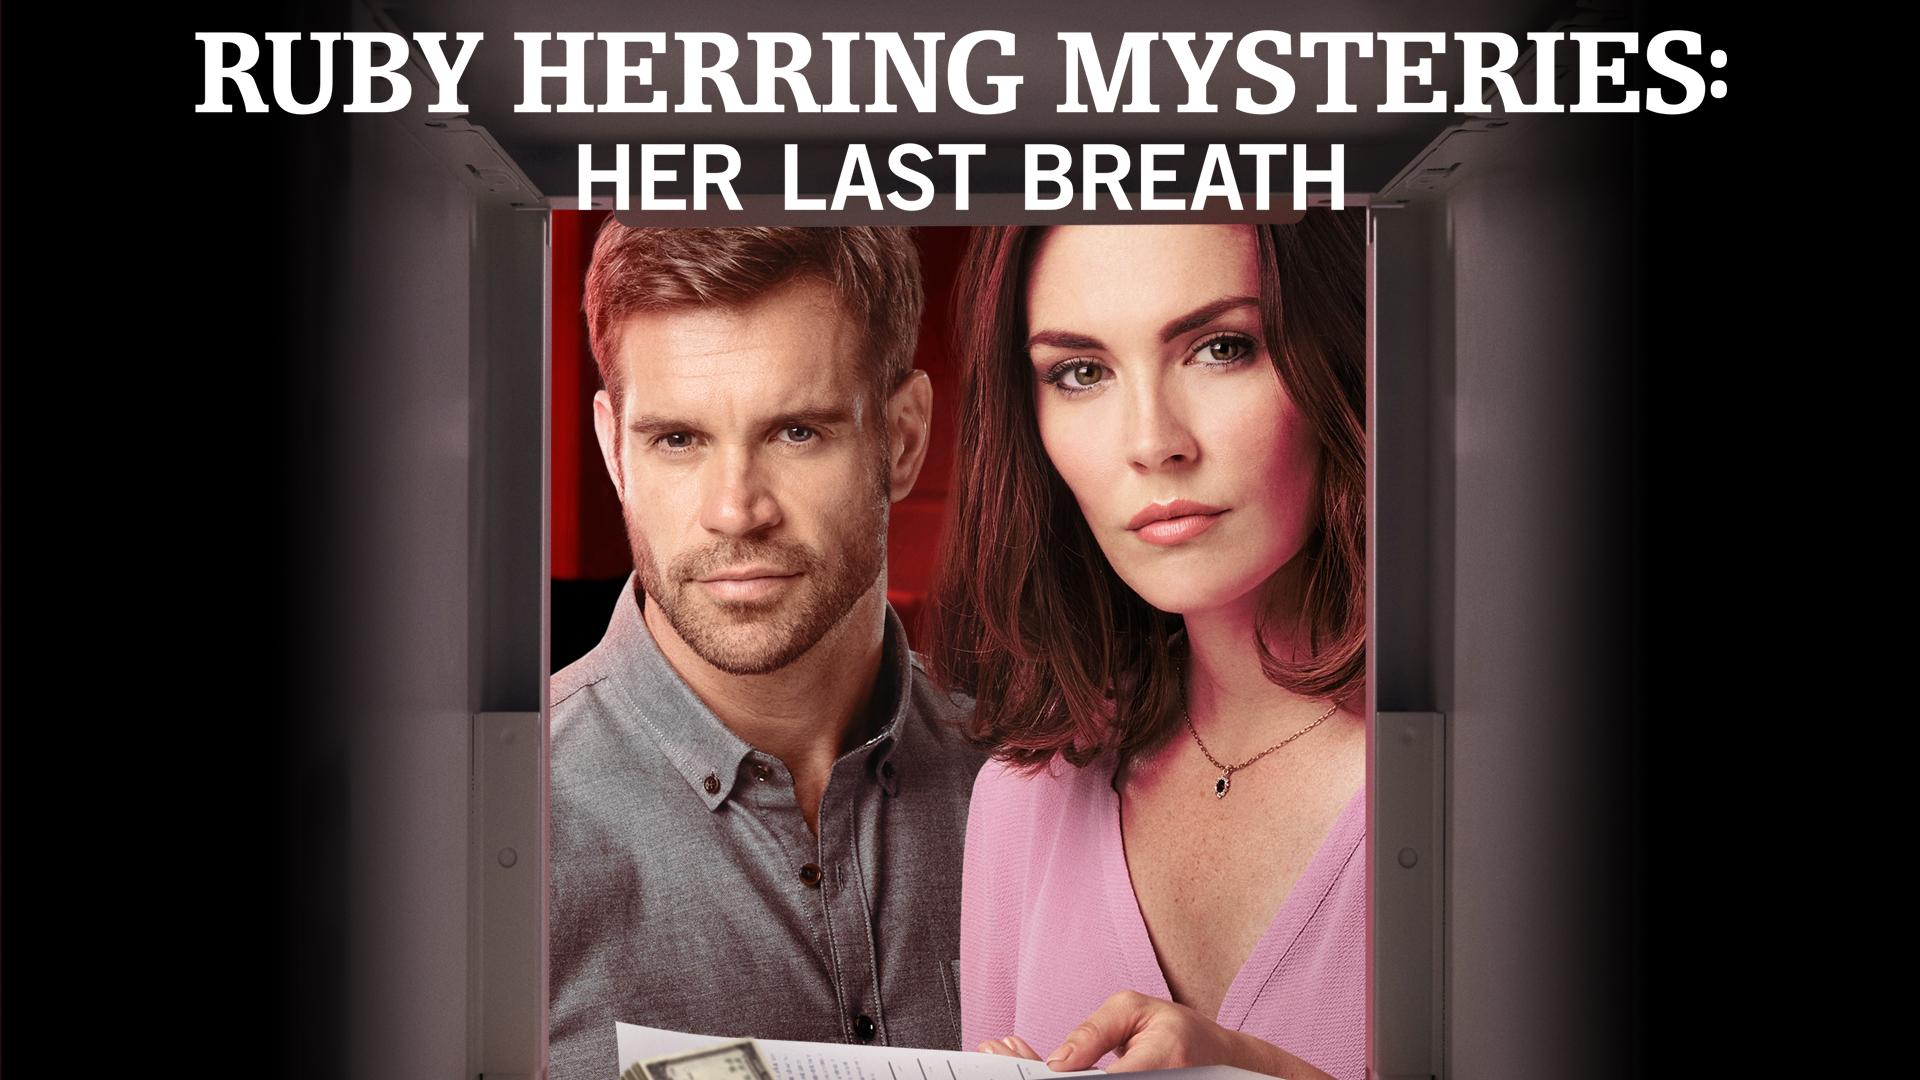 Ruby Herring Mysteries: Her Last Breath